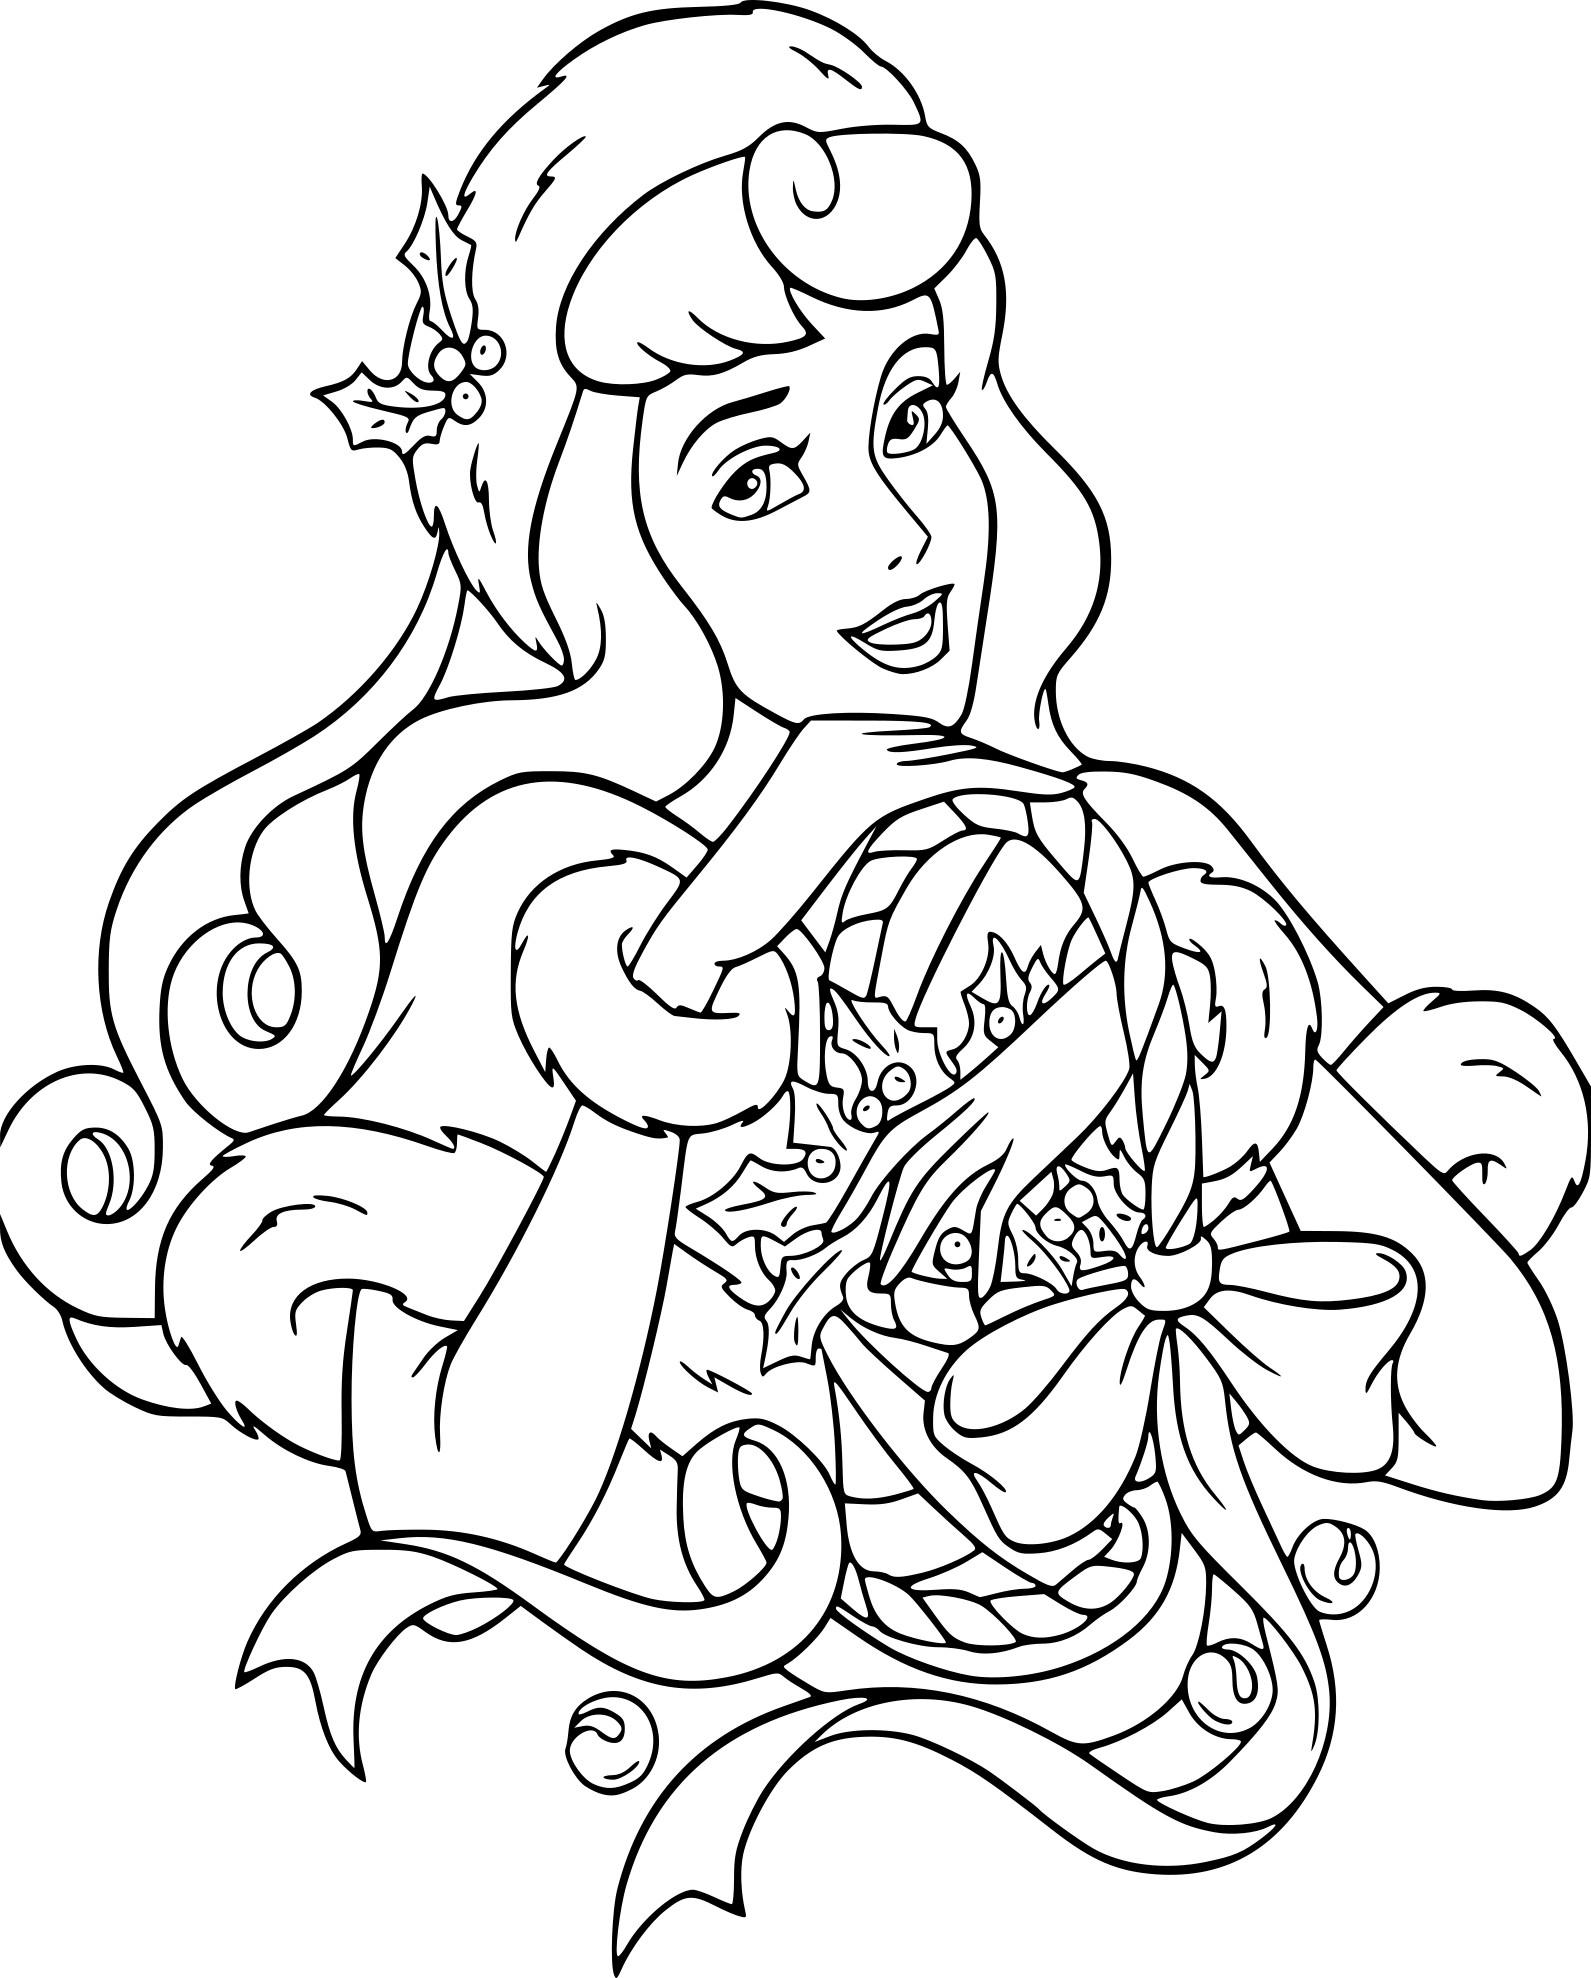 Coloriage Princesse Disney Noel À Imprimer Sur Coloriages tout Coloriage Princesses Disney À Imprimer